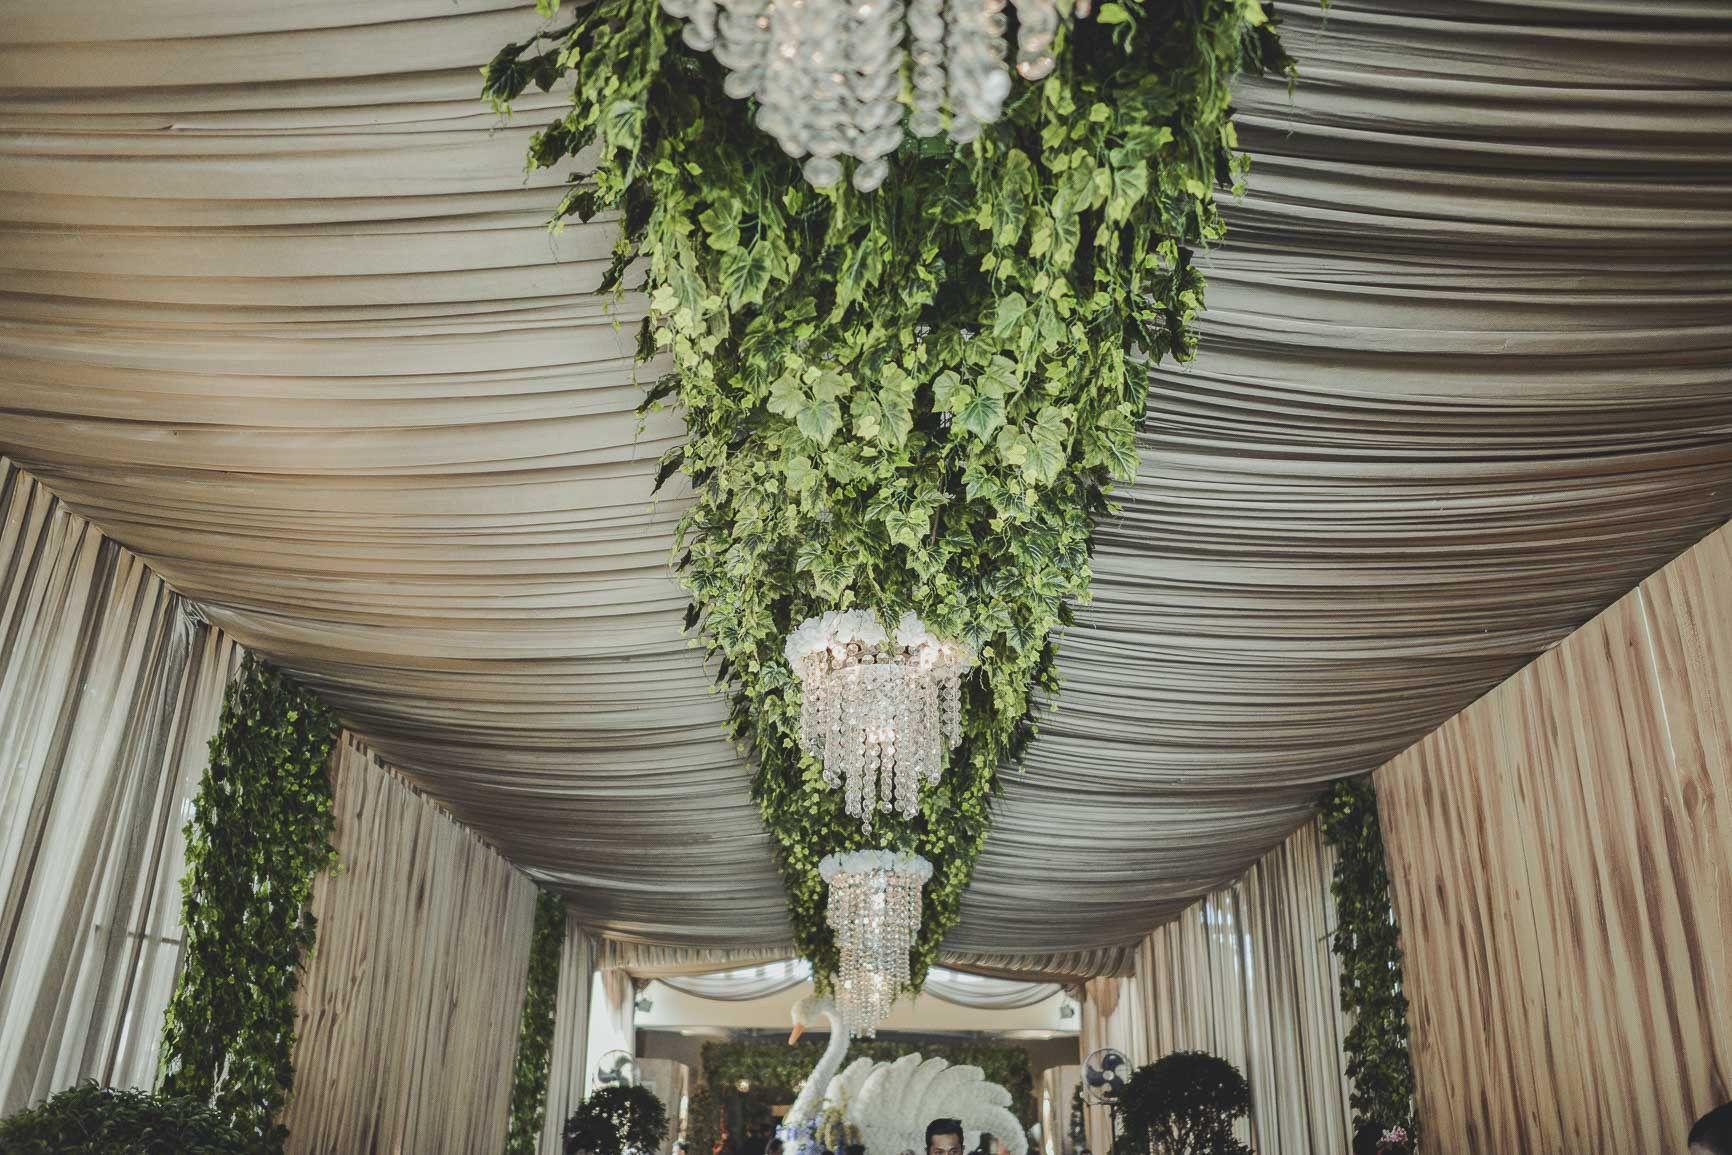 Enchanted Garden Wedding Of Kevina And Panji Garden Wedding Tempat Pernikahan Latar Belakang Pernikahan Tema Pernikahan